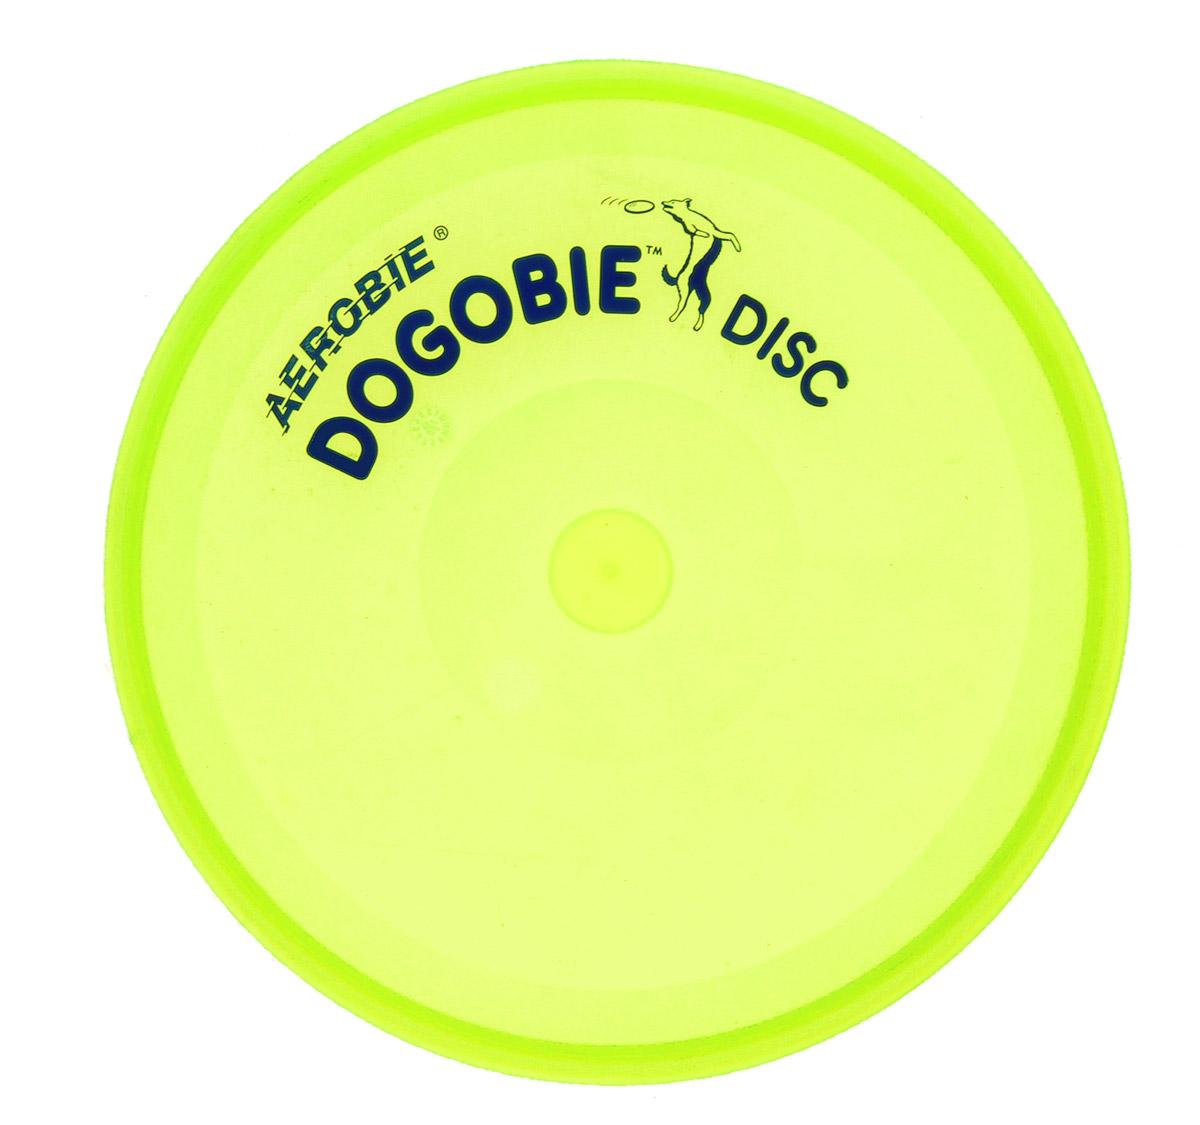 Диск летающий Aerobie Dogobie, цвет: салатовый261_салатовыйЛетающий диск Aerobie Dogobie специально разработан для ваших четвероногих любимцев. Теперь вы можете не волноваться за их зубы и десны. Материал, из которого созданы этот диск, легок, эластичен, но удивительно прочен. Его очень сложно прокусить или порвать. Кроме того, специалисты компании сумели сохранить летные качества присущие всем дискам данной фирмы. Его концы в форме спойлера позволят бросить диск на большую дистанцию и ребенку, и взрослому. Диск станет прекрасным дополнением к вашим прогулкам в парке или на пляже. Яркий цвет не даст диску утонуть и не потеряется, а игра с диском доставит вам и вашему питомцу просто море удовольствия. Диаметр диска: 20,5 см. Высота диска: 1,5 см.